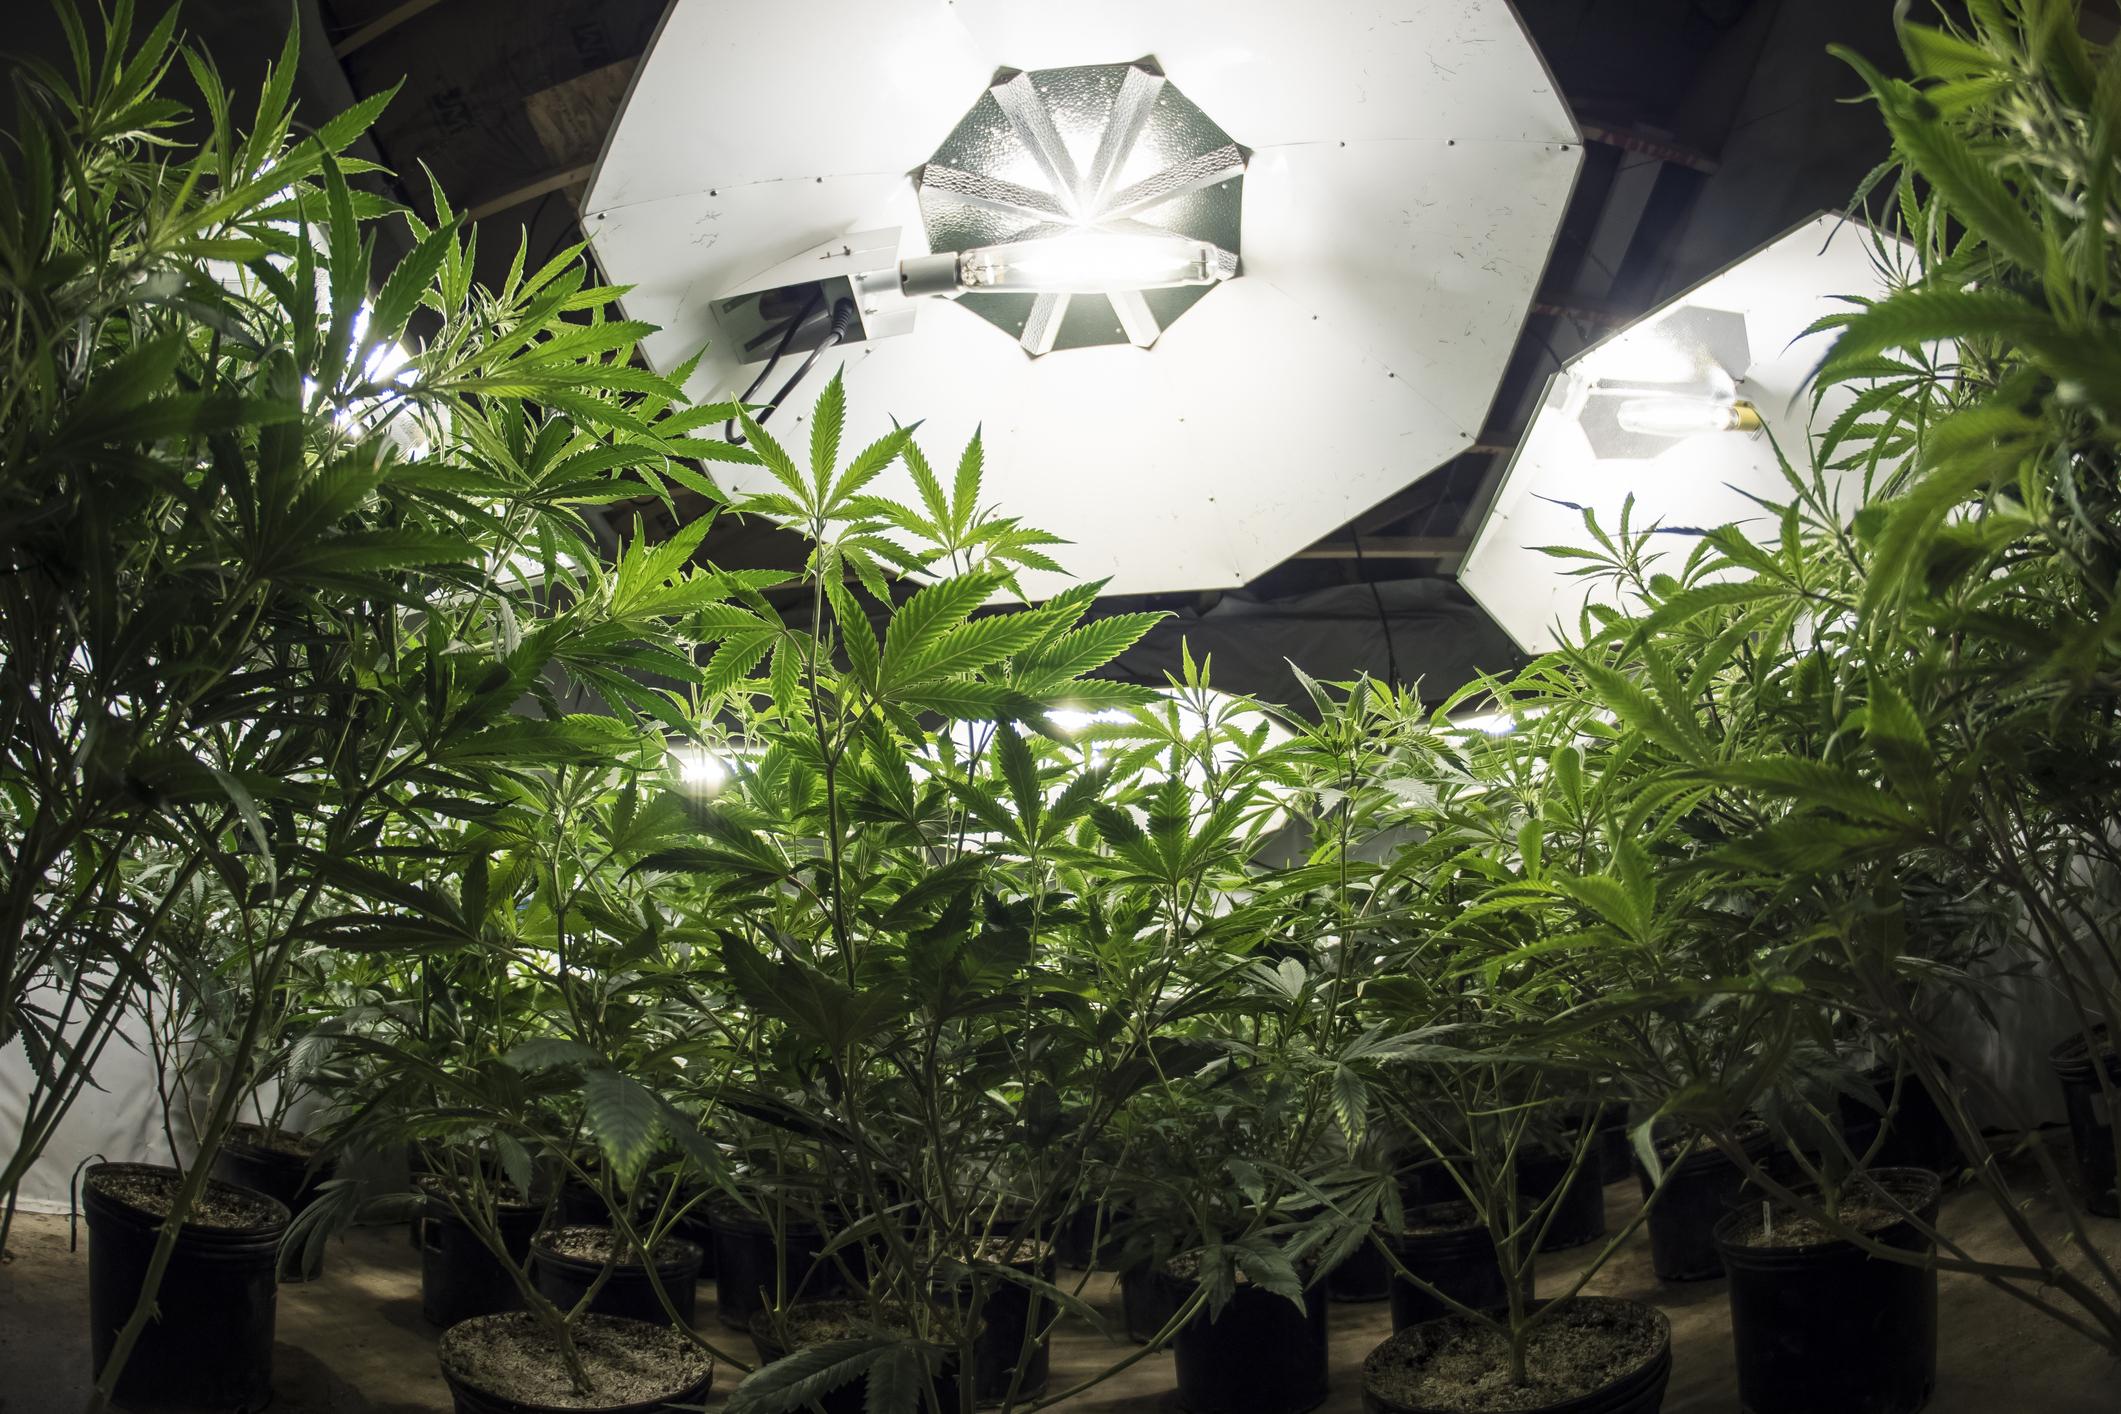 Grow lights hovering over an indoor cannabis grow farm